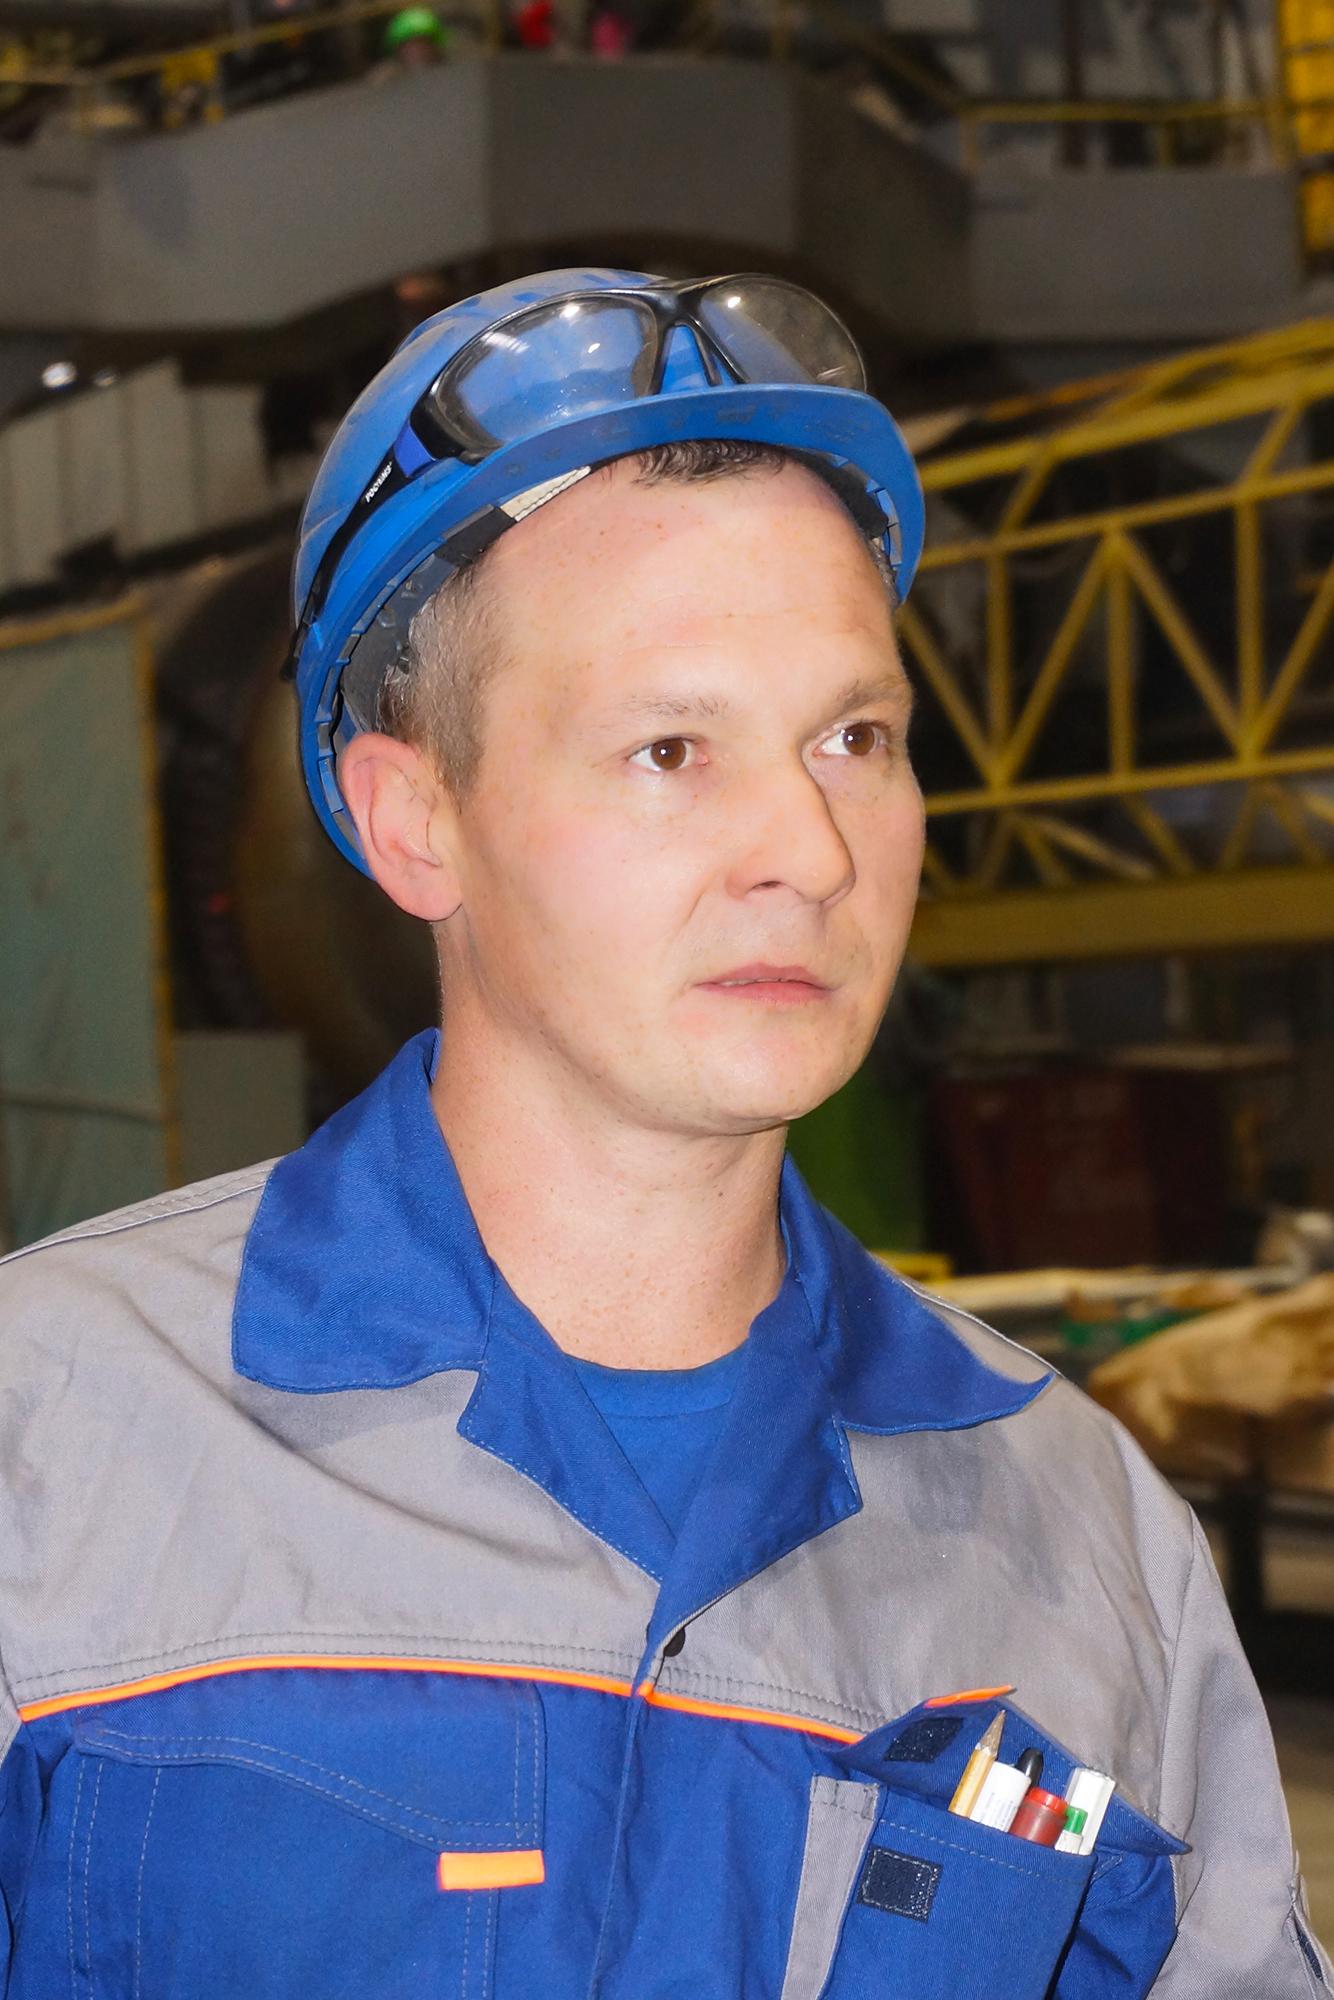 <strong>Сергей Муравлев, бригадир слесарей механосборочных работ цеха №34.</strong><br /> На «Ижорских заводах» с 2003 года.<br />